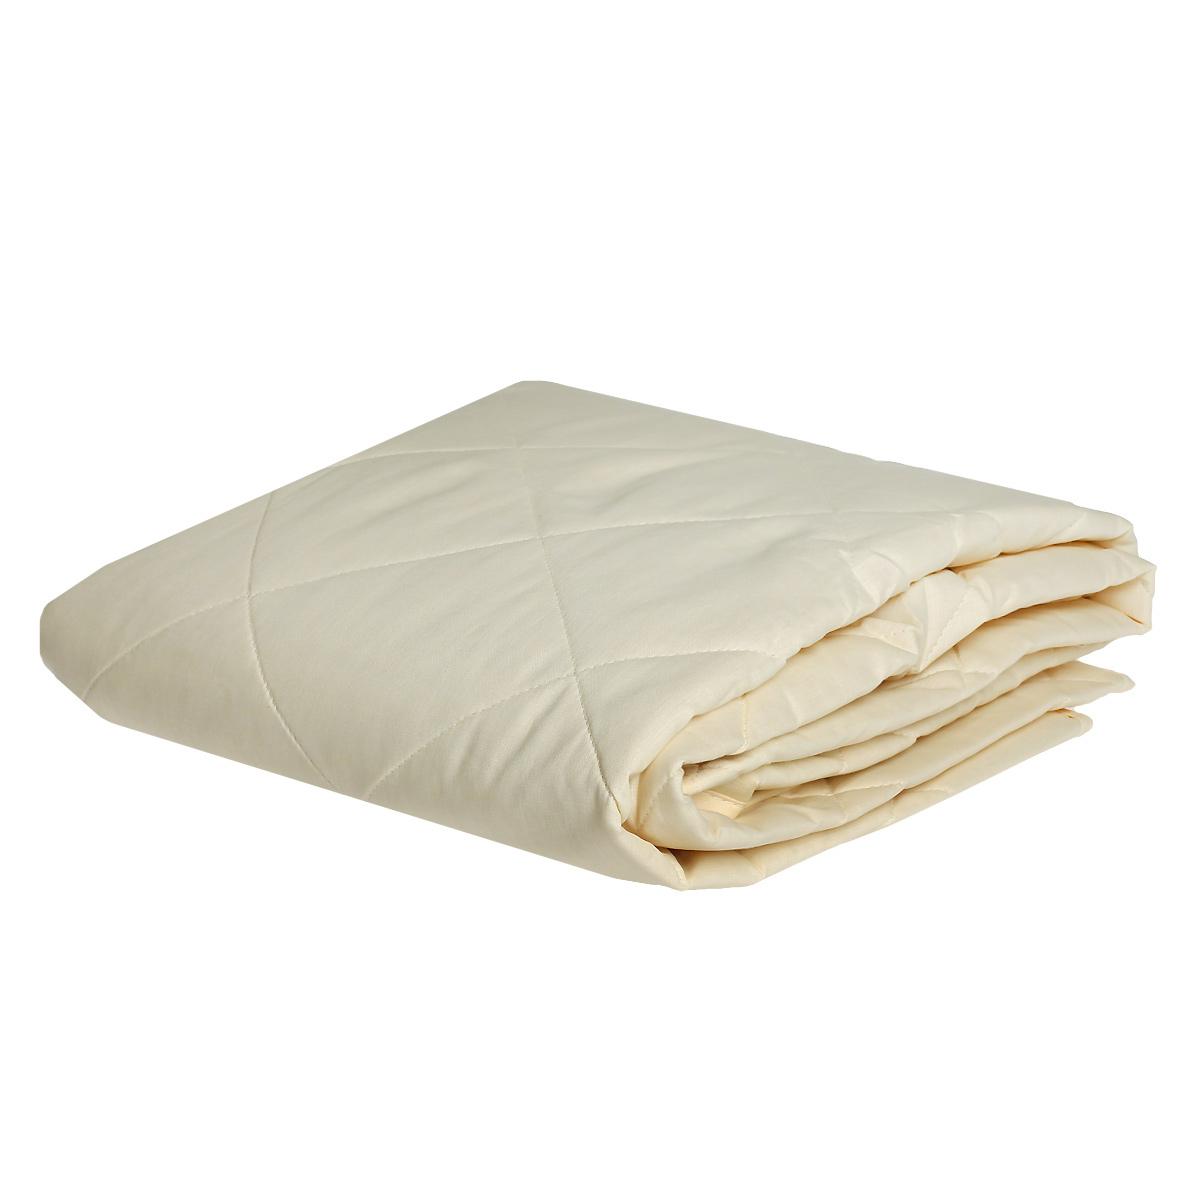 Наматрасник OL-Tex Miotex, наполнитель: овечья шерсть, цвет: бежевый, 180 см х 200 смМШП-180Наматрасник OL-Tex Miotex поможет продлить срок службы матраса и подарит комфорт во время сна. Чехол выполнен из смесовой ткани поликоттон (комбинация хлопка и полиэстера), которая отличается долговечностью, малой усадкой, низкой сминаемостью, хорошими гигиеническими свойствами. Чехол оформлен стежкой и кантом по краю. Стежка равномерно удерживает наполнитель в чехле. Наматрасник с натуральной овечьей шерстью согреет Вас сухим теплом. Способствует профилактике различных заболеваний спины и поясницы. Удобен в использовании - с помощью резинок надежно фиксируется на матрасе. Рекомендации по уходу: - Ручная и машинная стирка при температуре 30°С. - Не гладить. - Не отбеливать. - Нельзя отжимать и сушить в стиральной машине. - Сушить при низкой температуре.